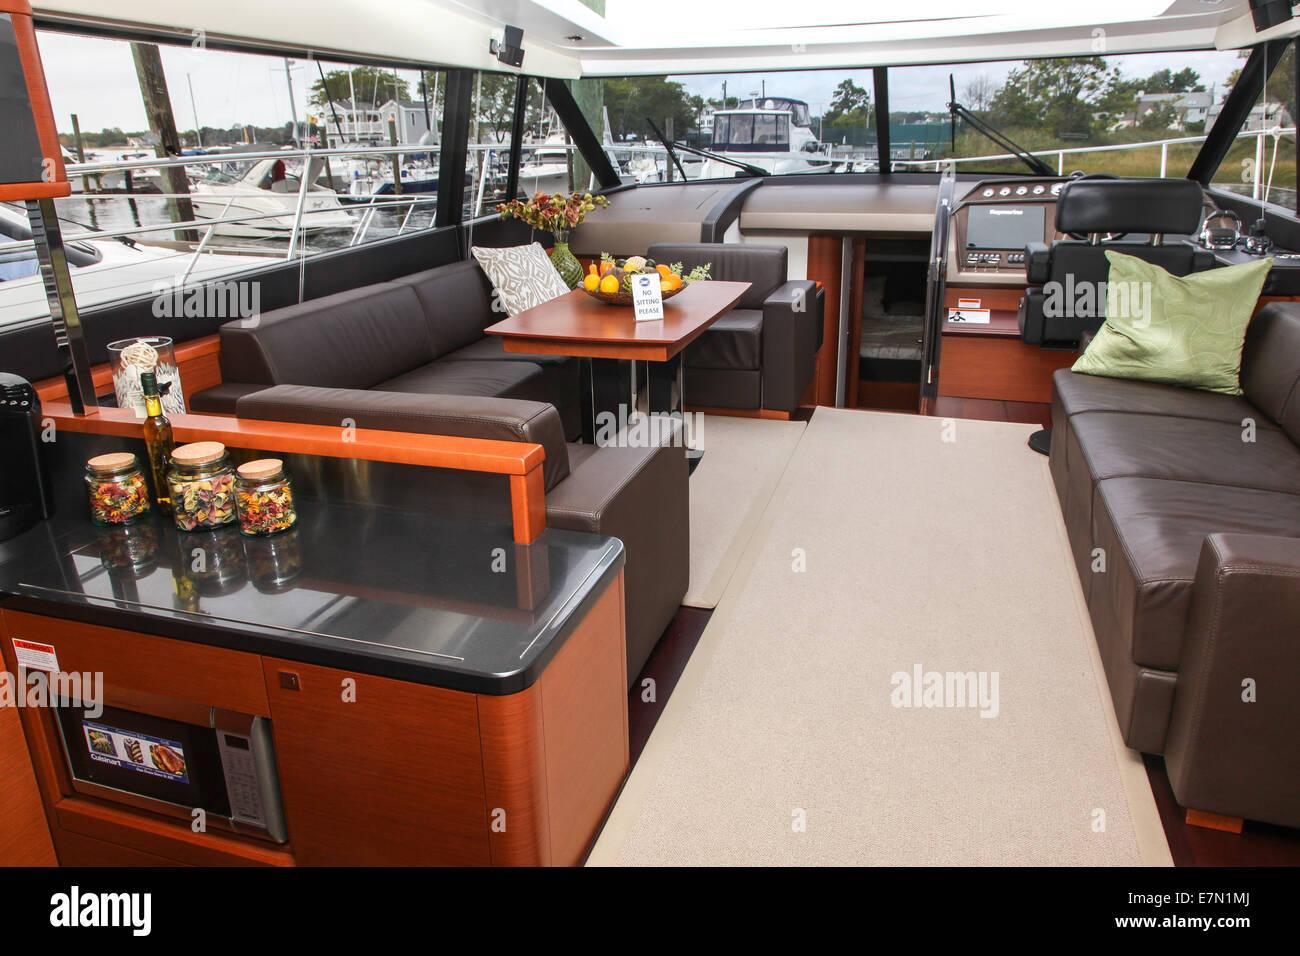 NORWALK, CT - SEPTEMBER 21: Prestige 620 S boat at Norwalk boat show in September 21, 2014 in Norwalk, CT. - Stock Image